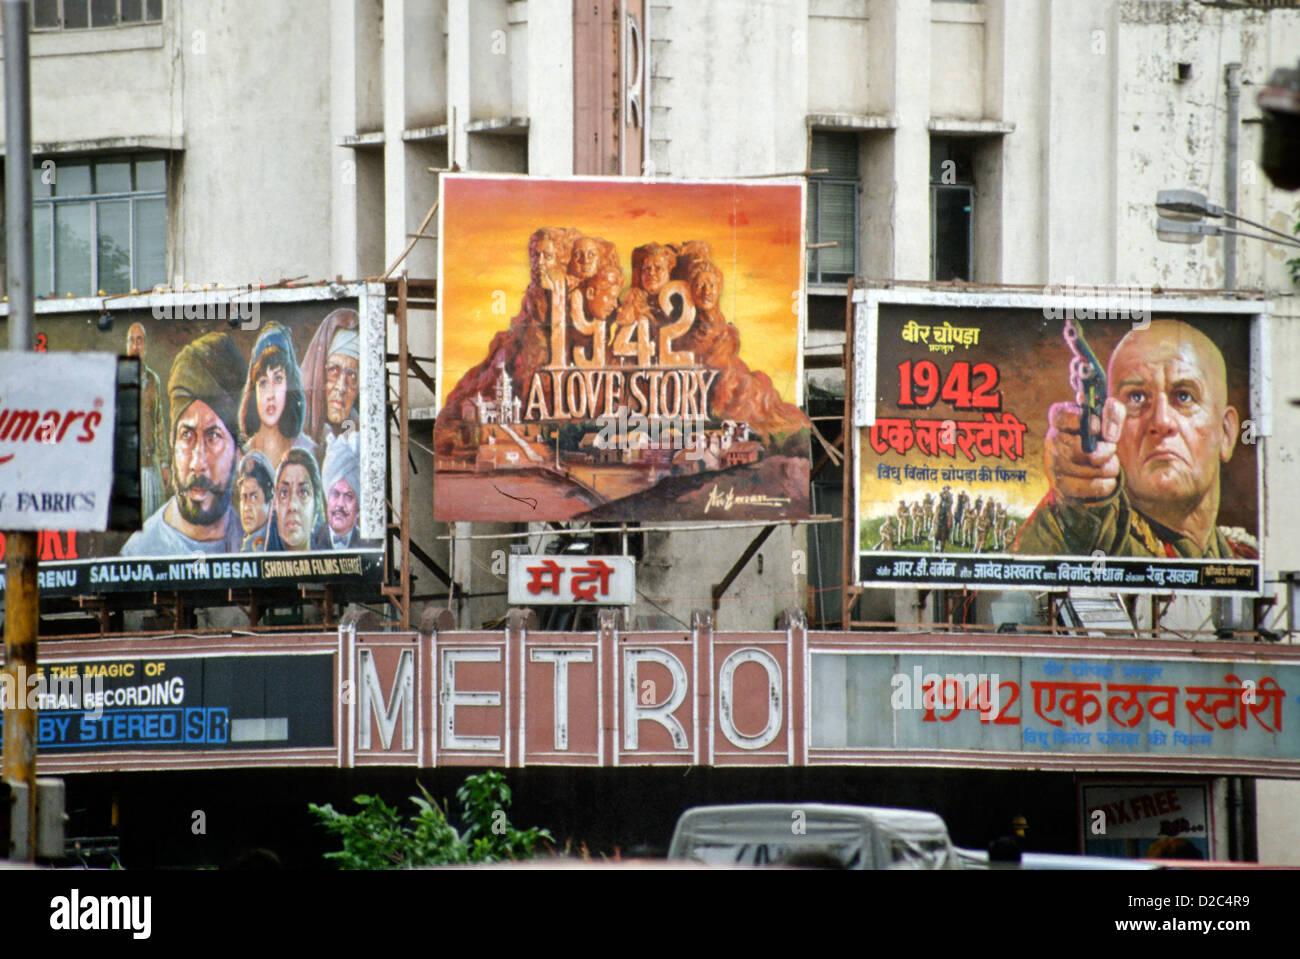 Film Poster Of 1942 A Love Story At Metro Theatre, Bombay Mumbai, Maharashtra, India - Stock Image